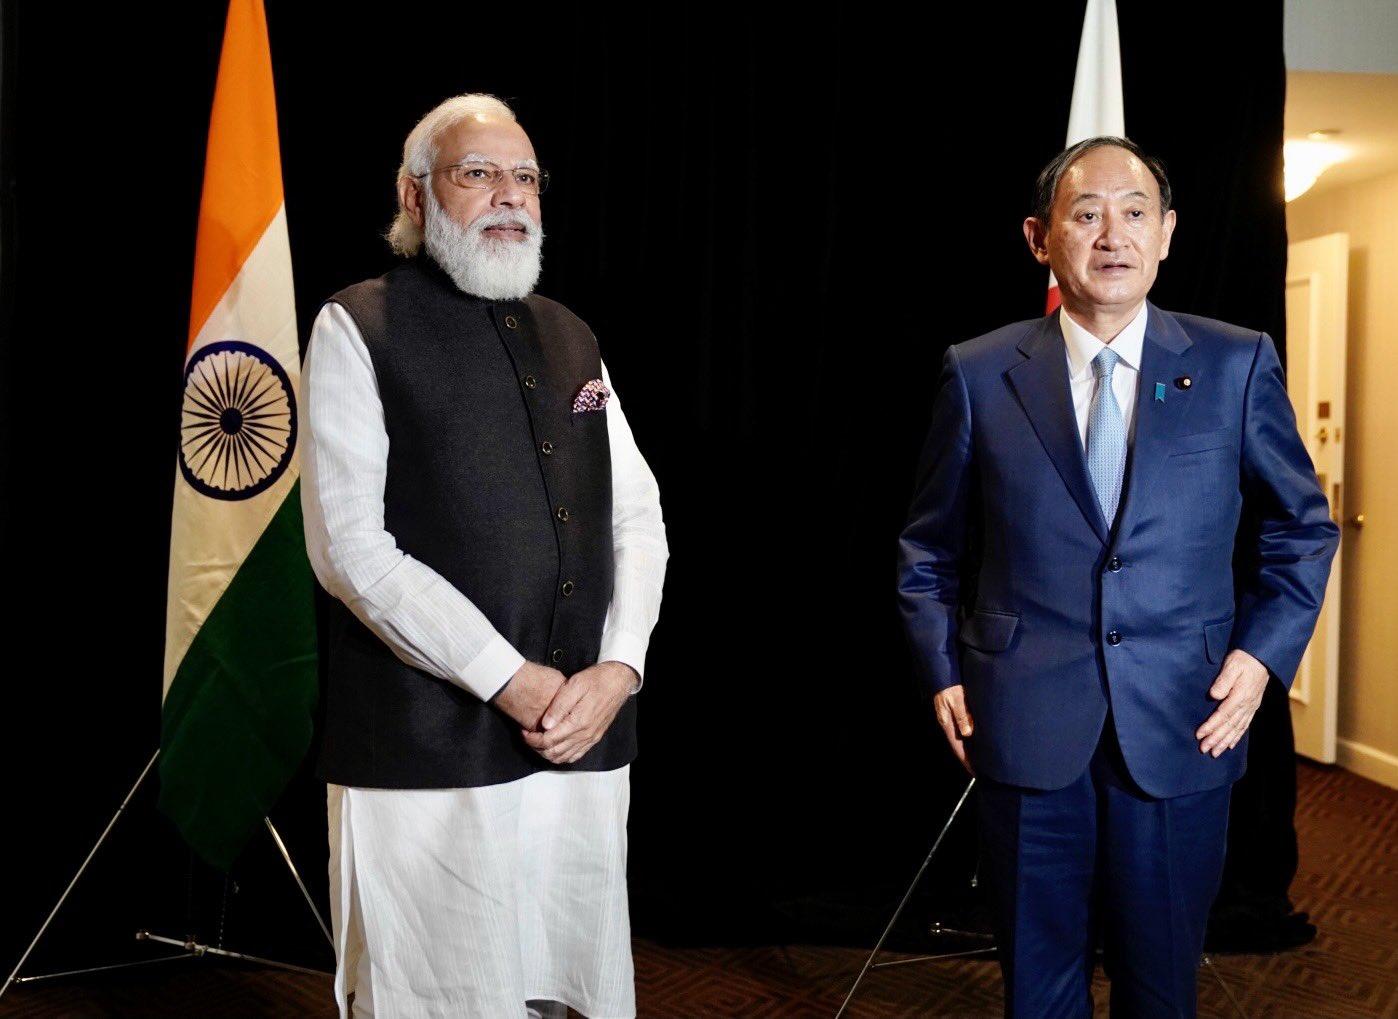 प्रधानमंत्री मोदी ने मुंबई-अहमदाबाद हाई स्पीड रेल परियोजना पर जापान के प्रधानमंत्री सुगा योशीहिदे से चर्चा की